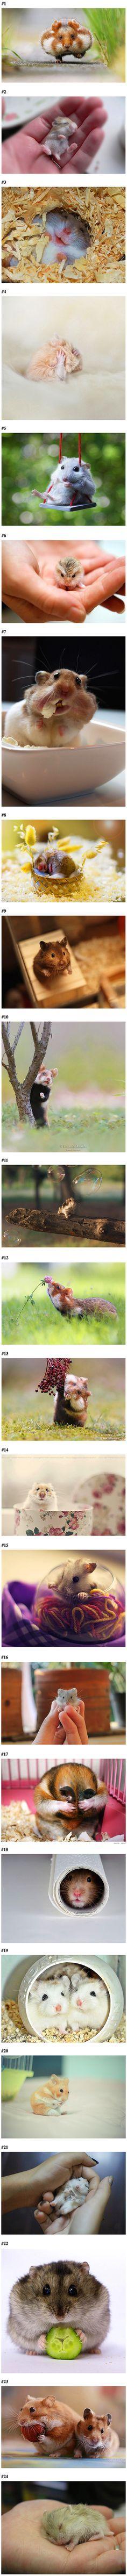 Hamster et souris